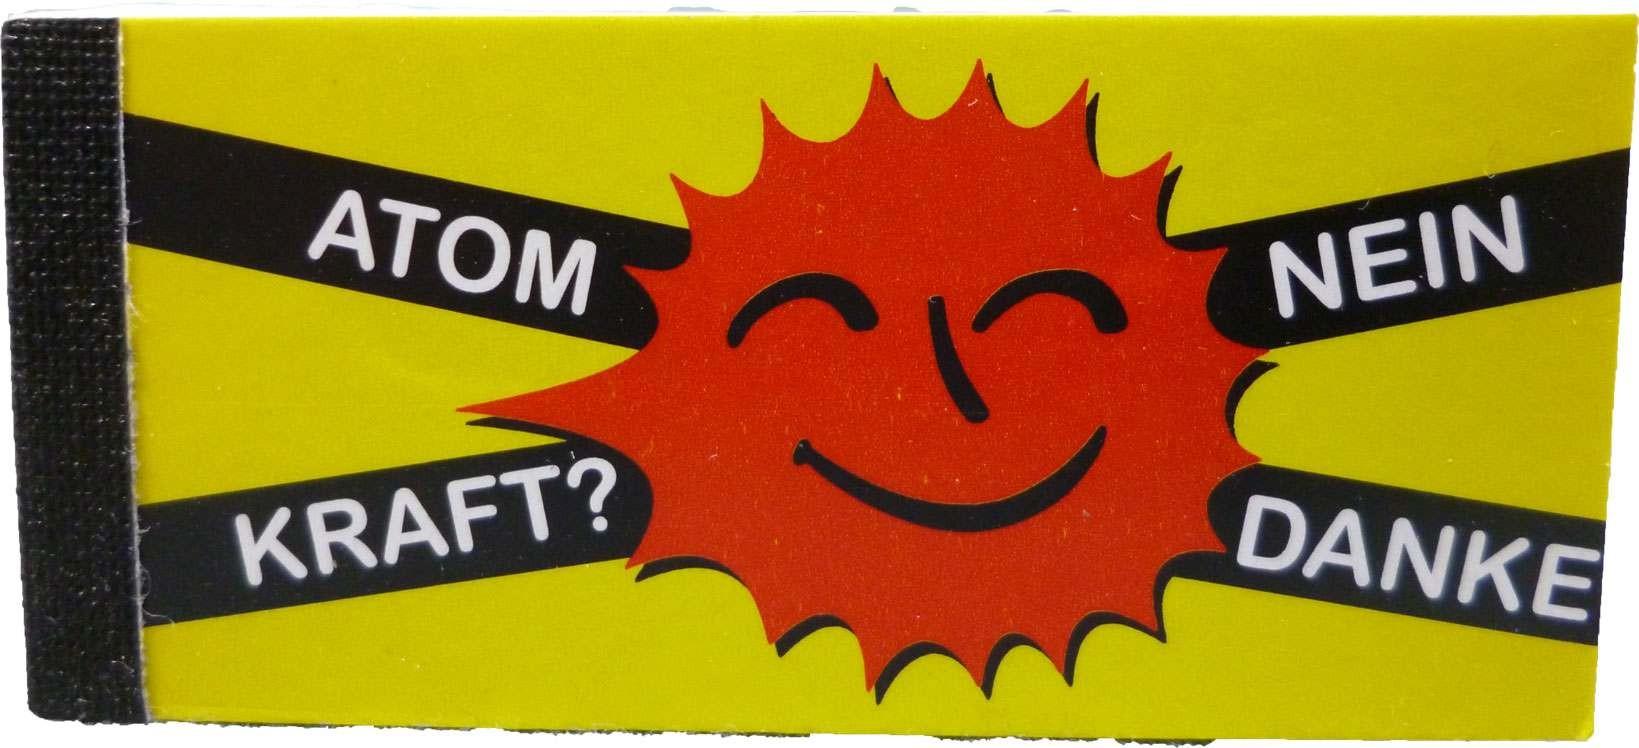 Anti Atom Filtertips/Jointfilter; Motiv: Atom Kraft Nein Danke!